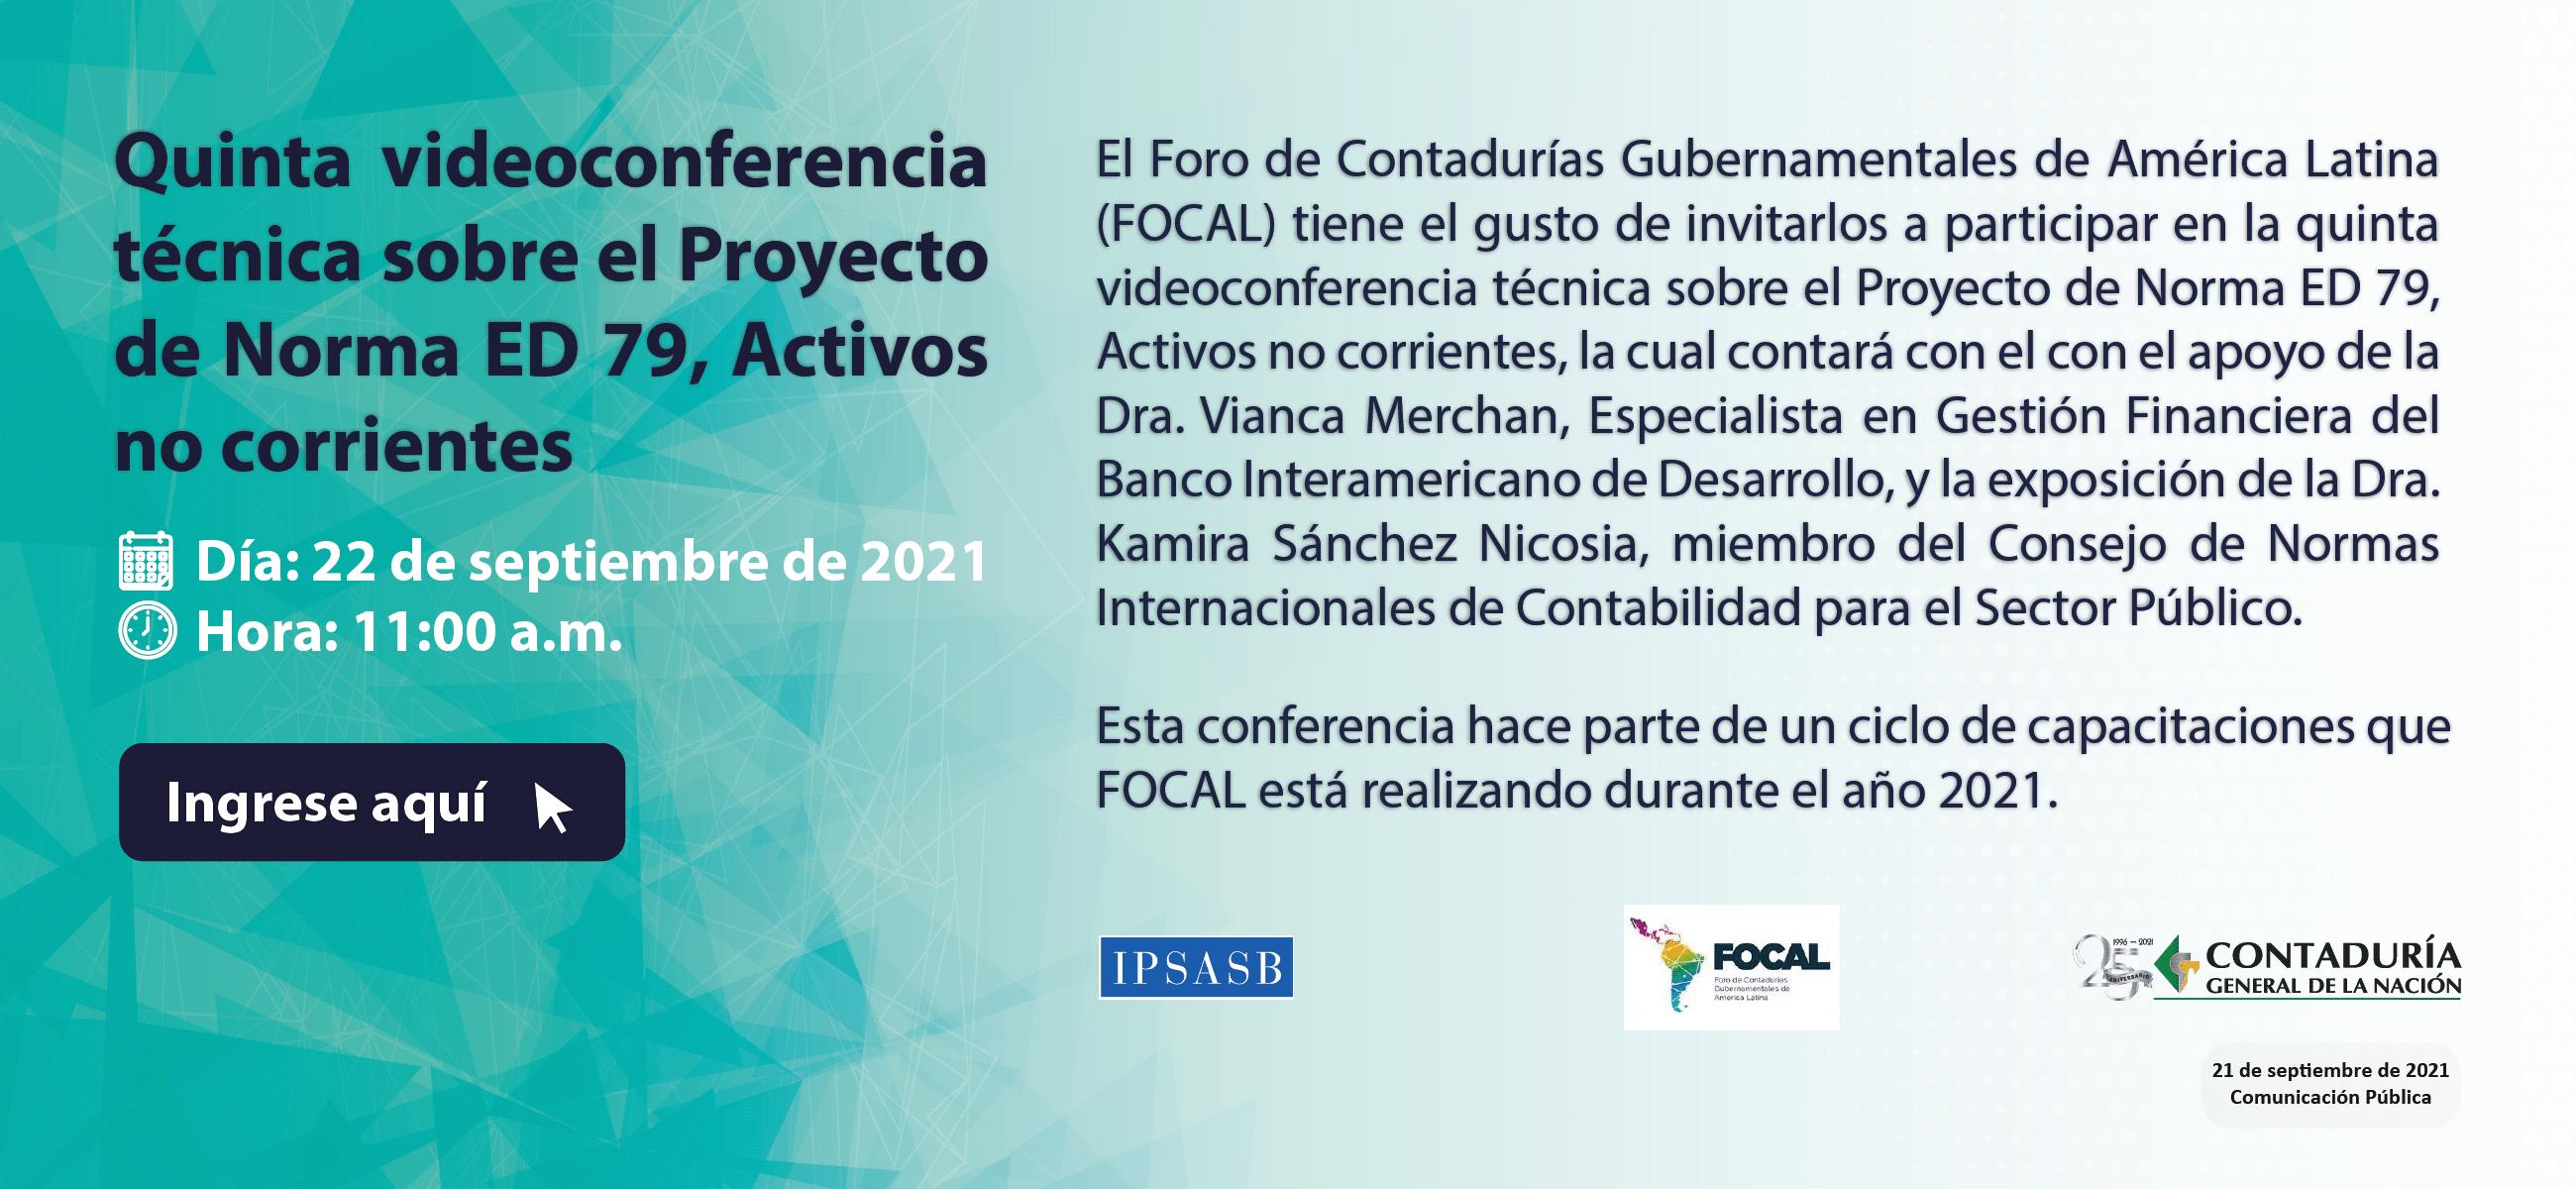 Participe en la quinta videoconferencia técnica sobre el Proyecto de Norma ED 79